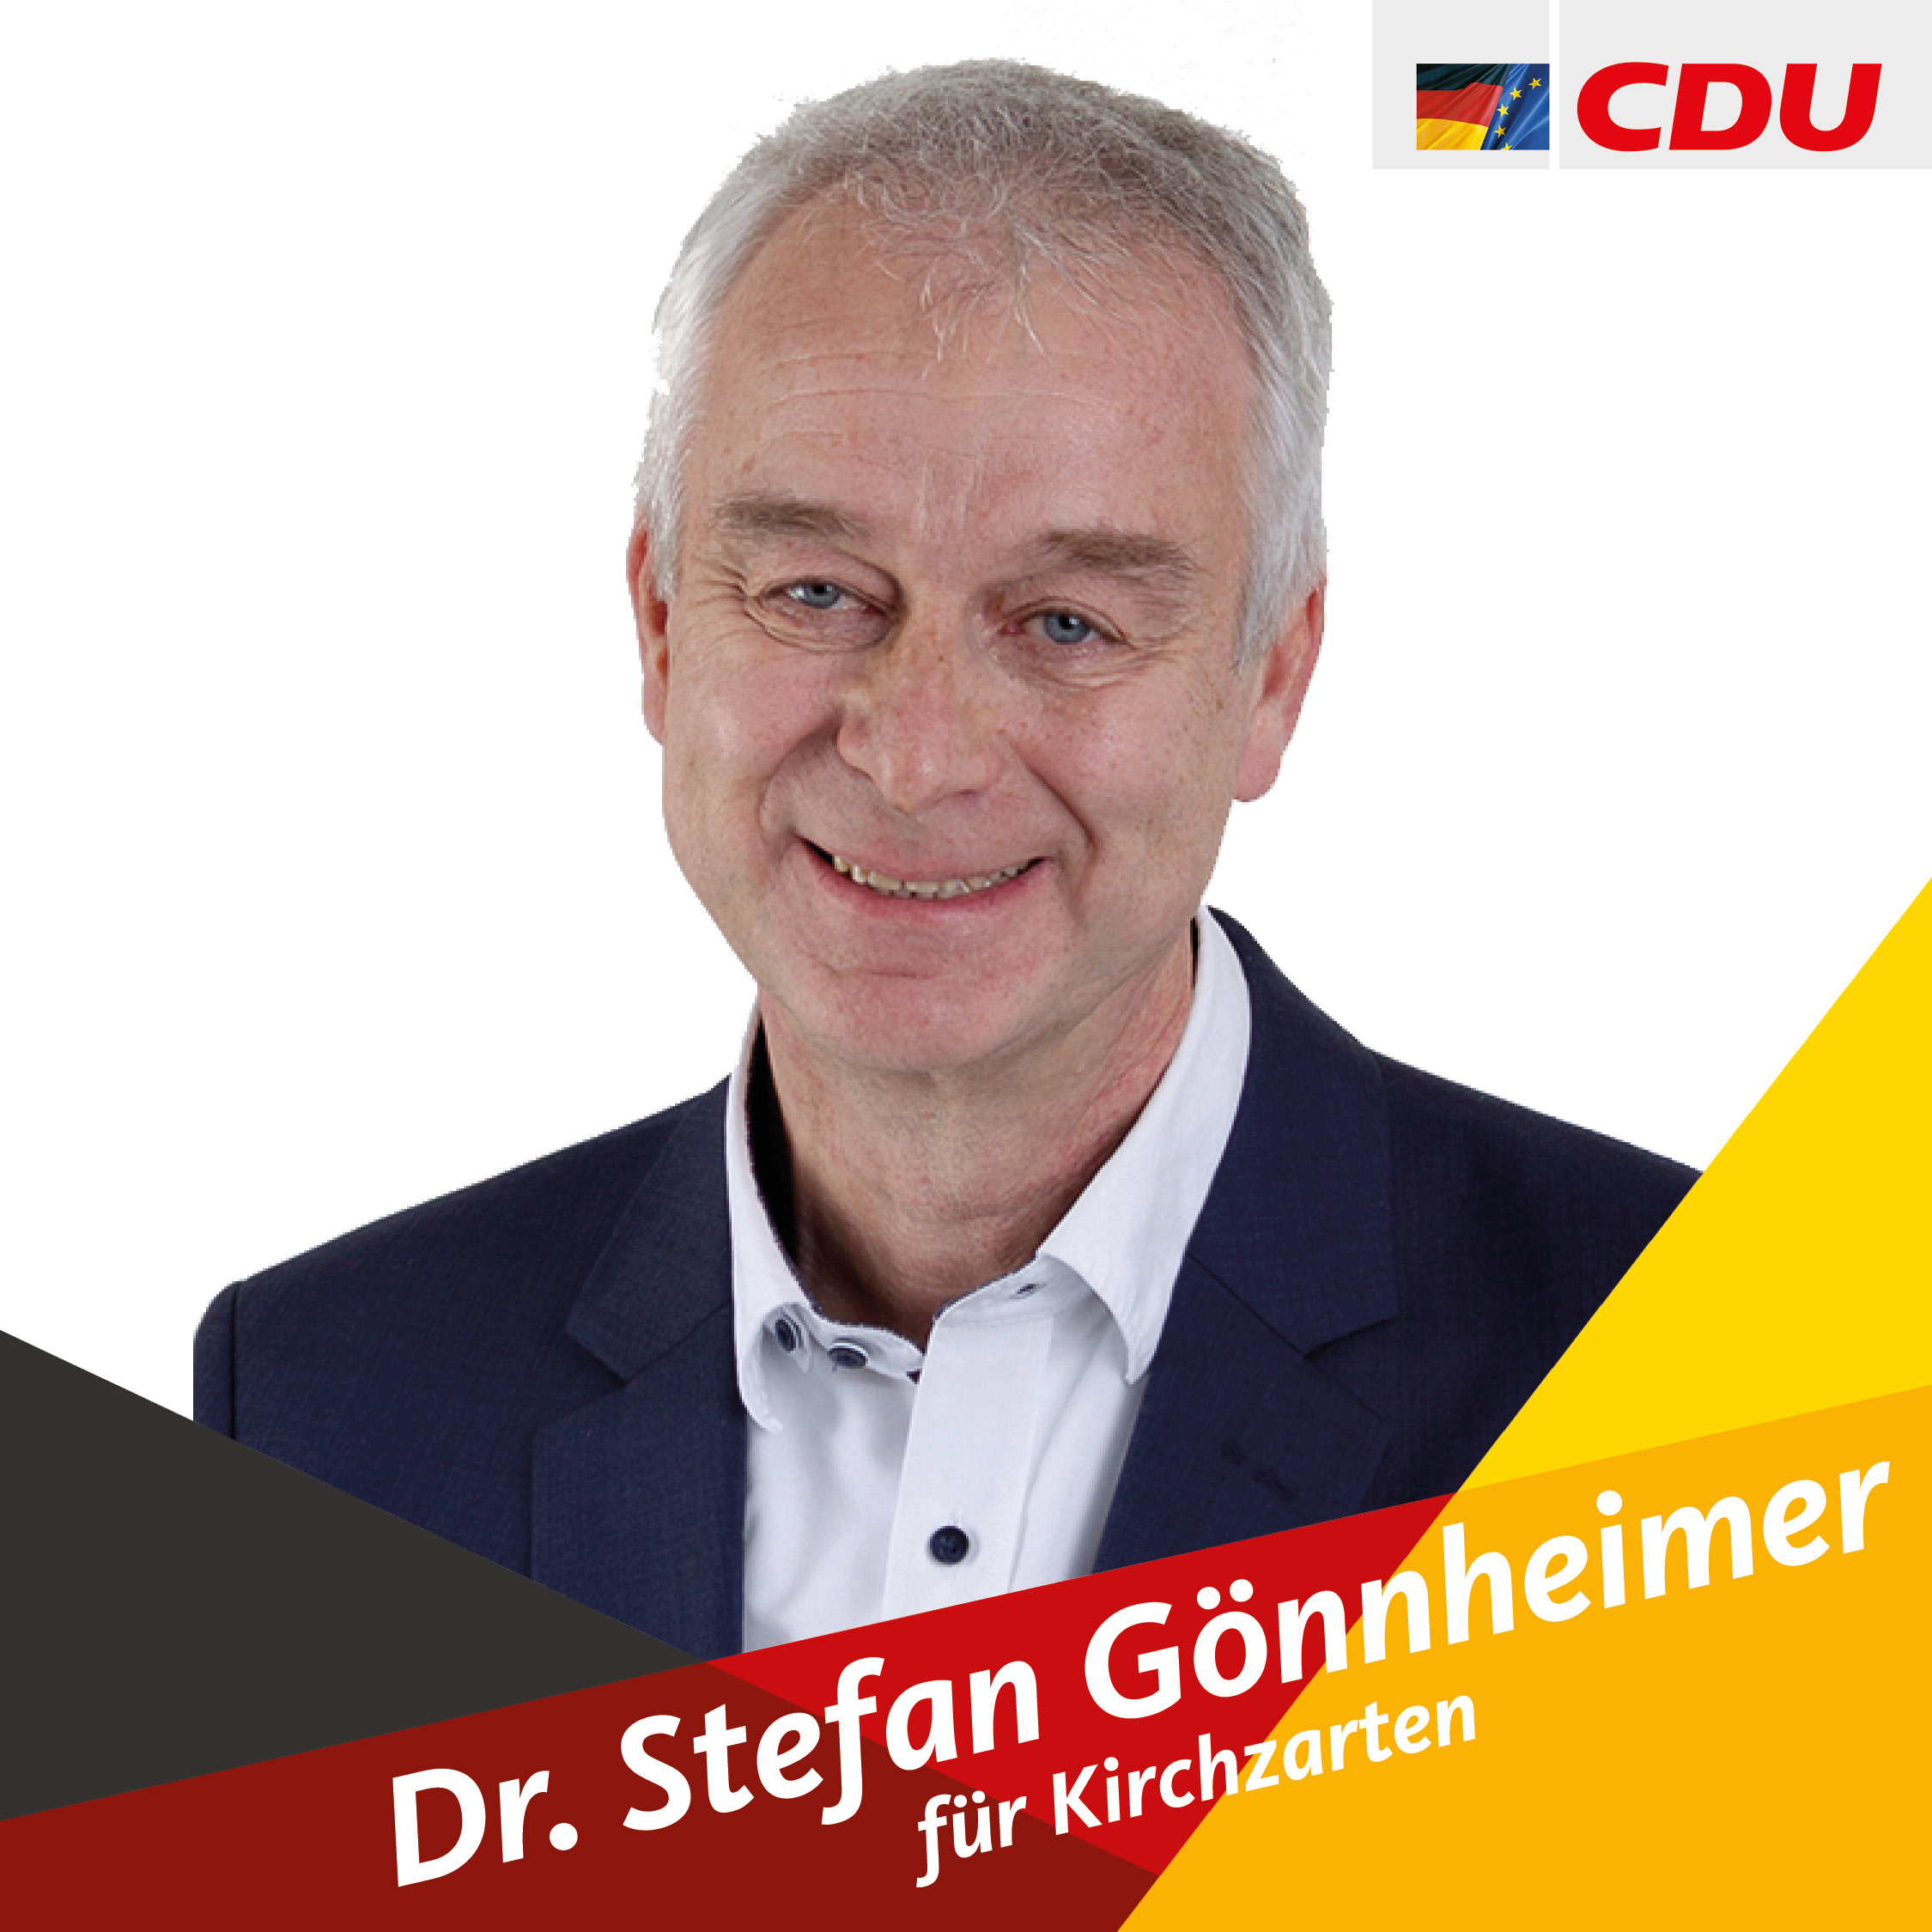 Stefan Gönnheimer